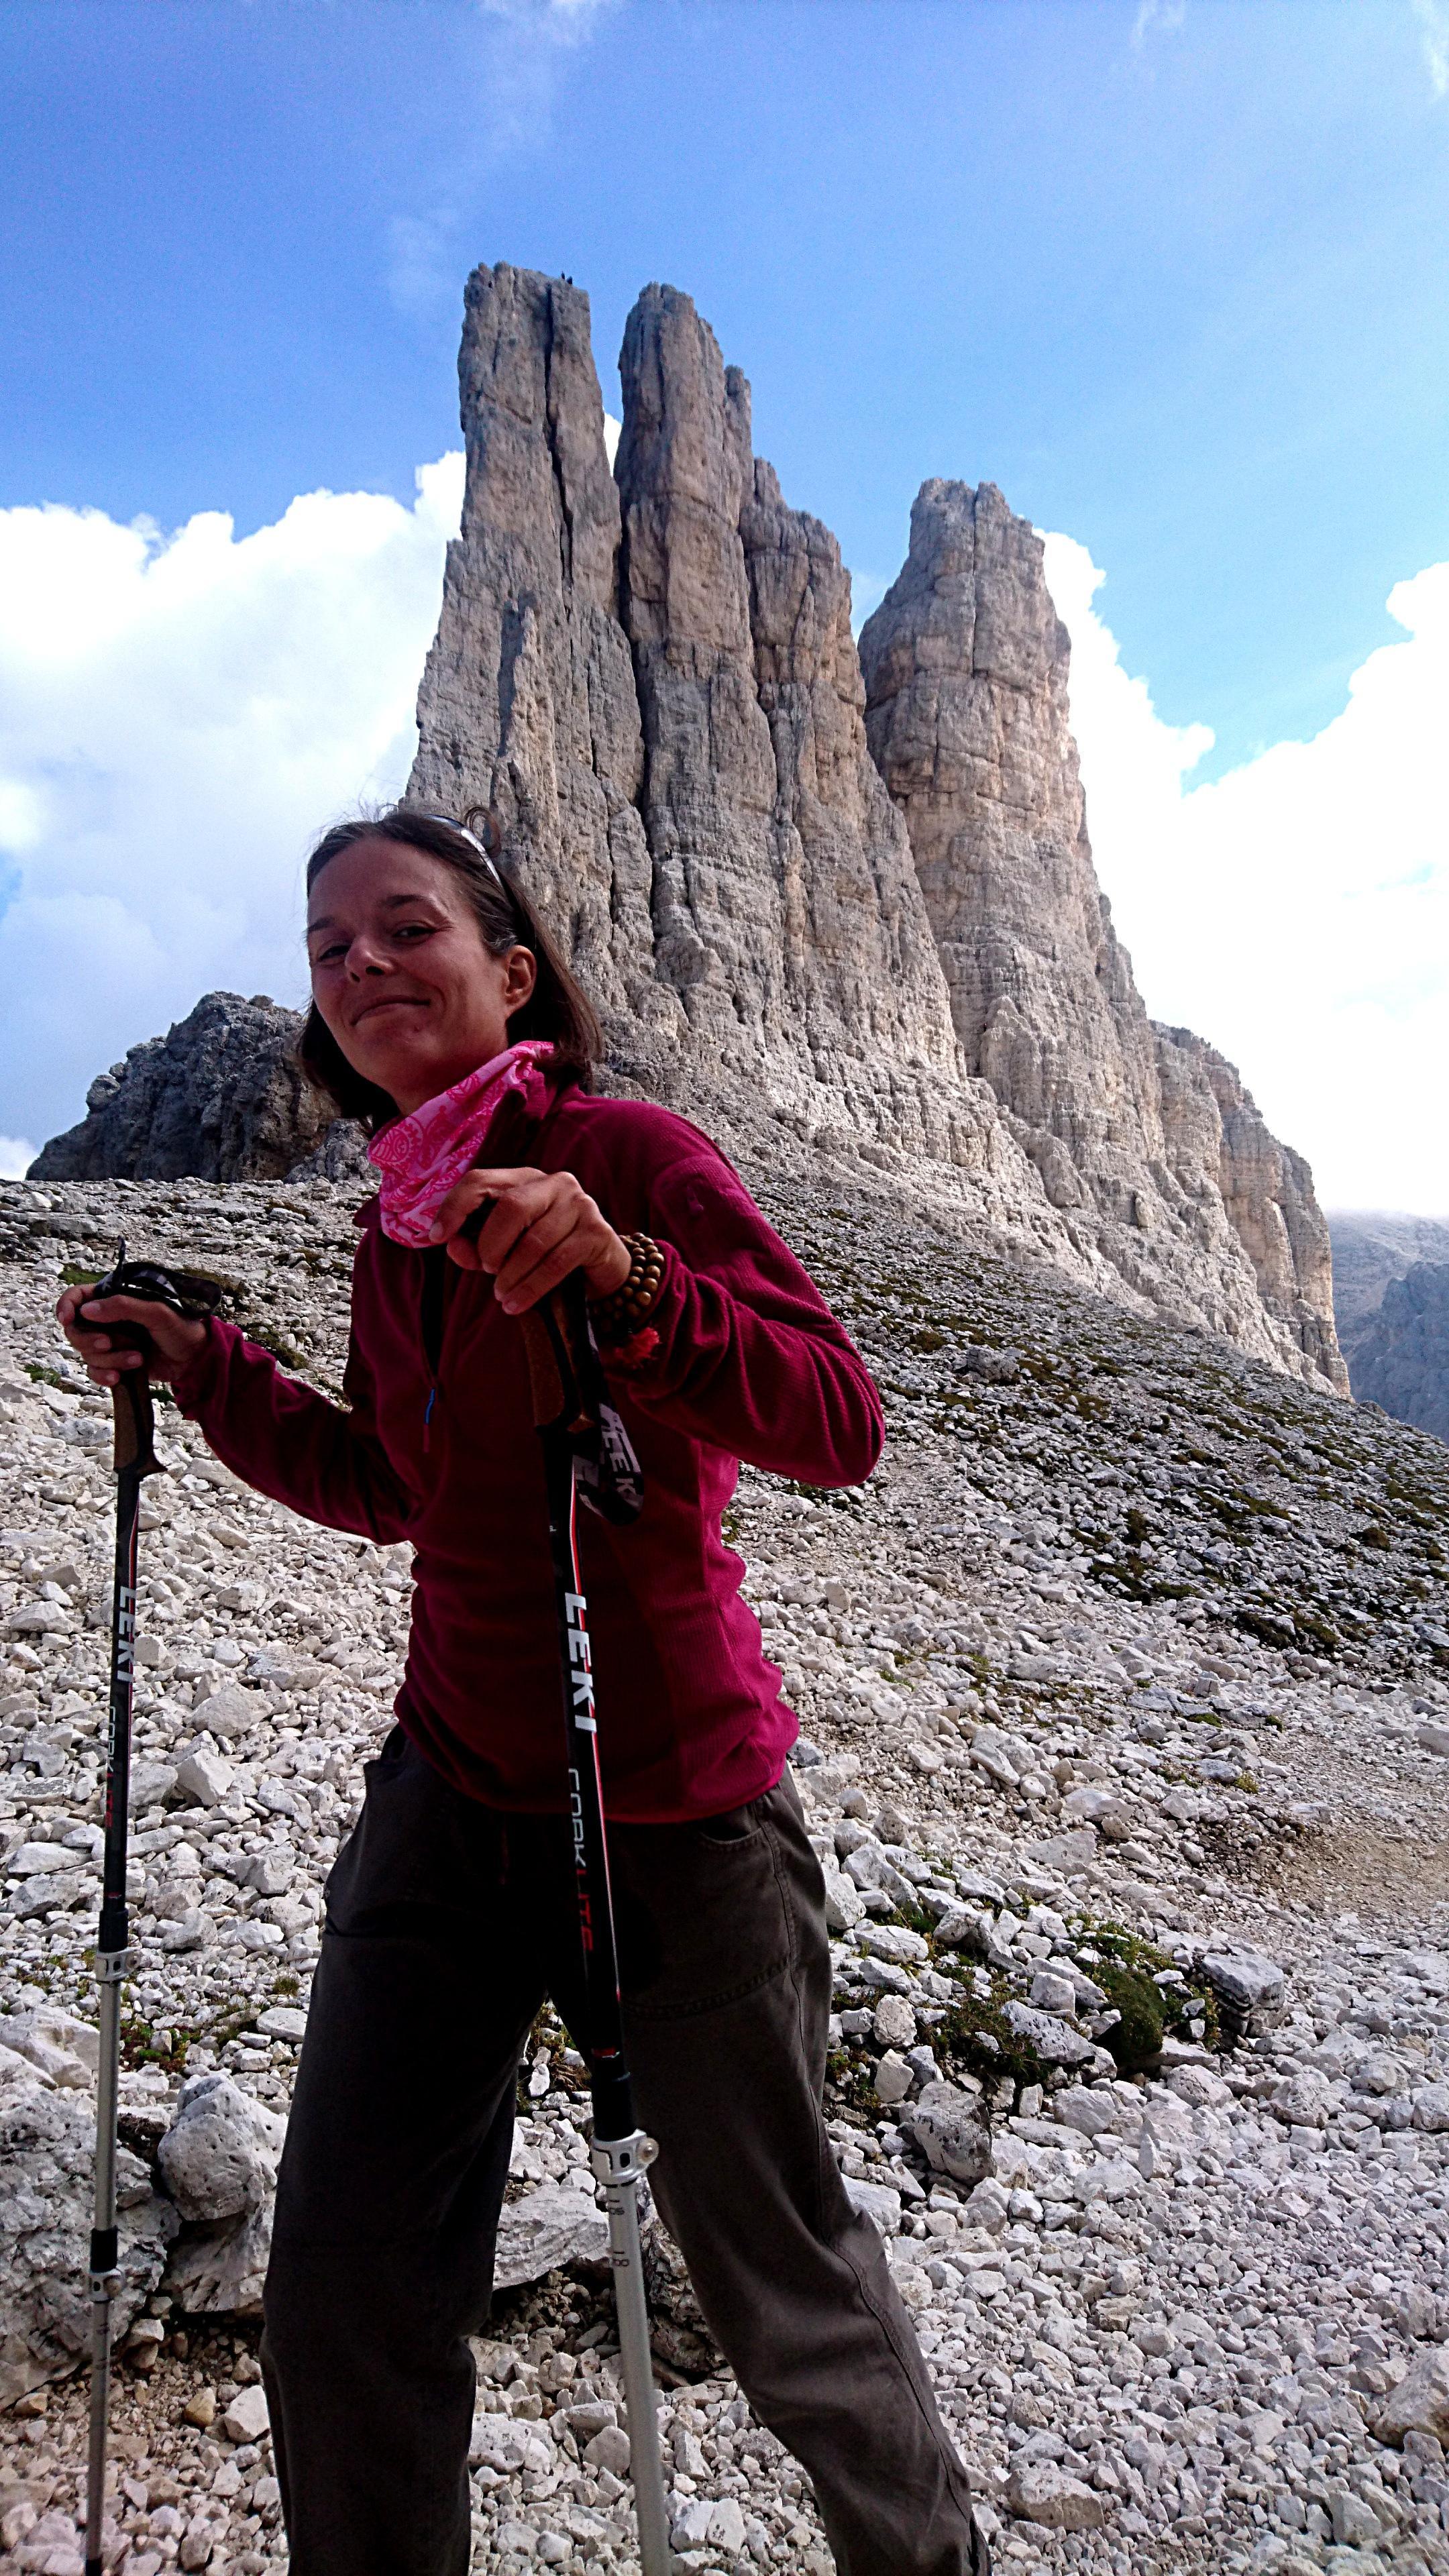 Erica soddisfatta di vedere da vicino questo famoso gruppo dolomitico